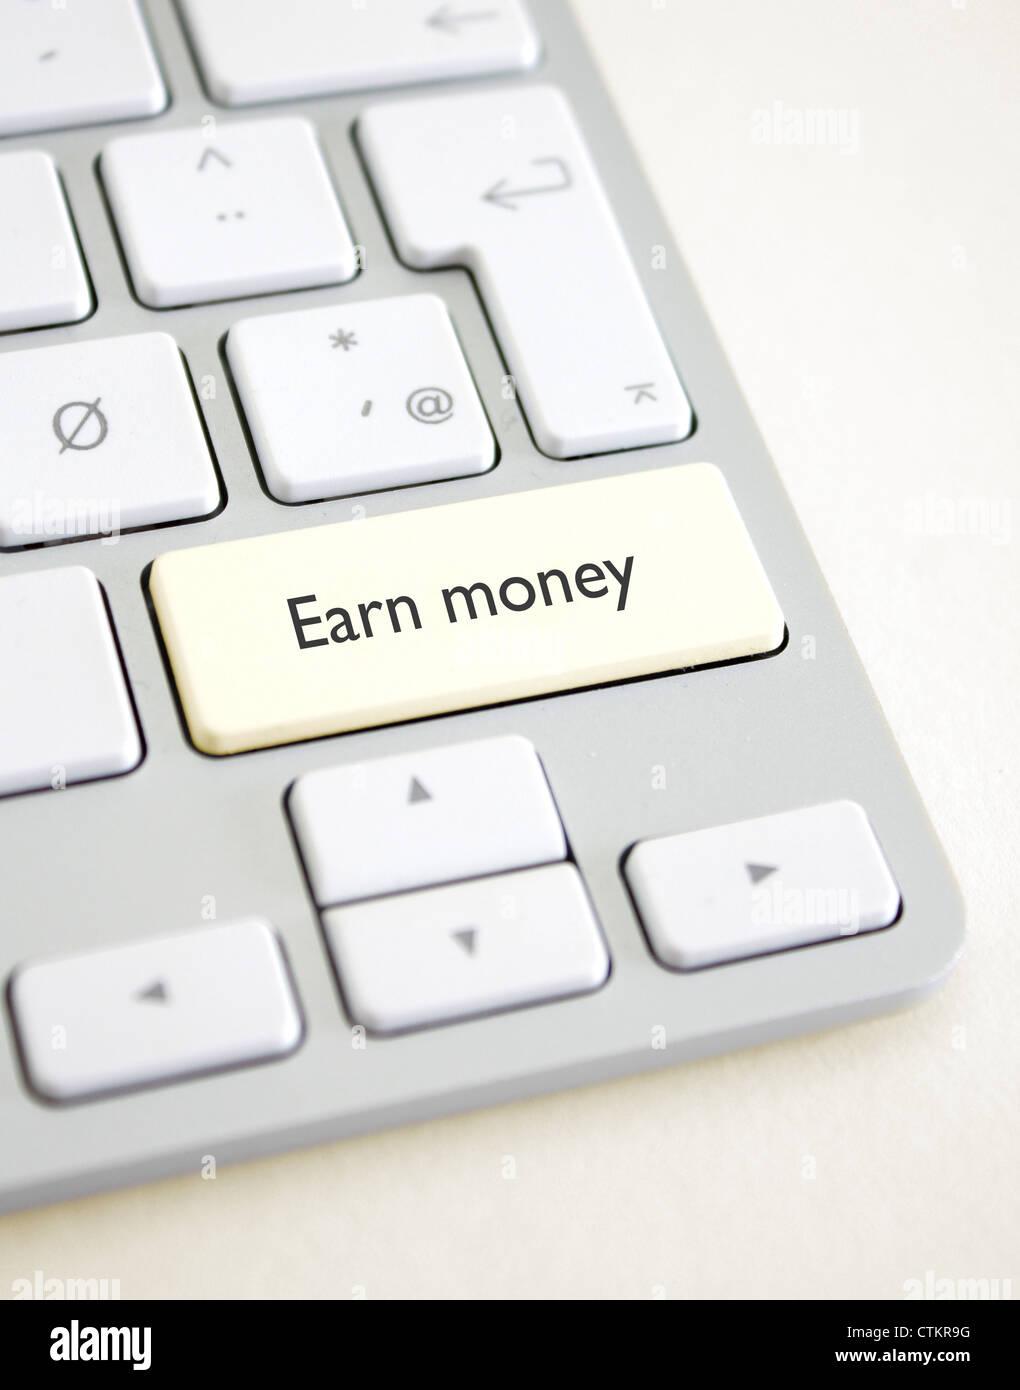 Geld verdienen Stockbild